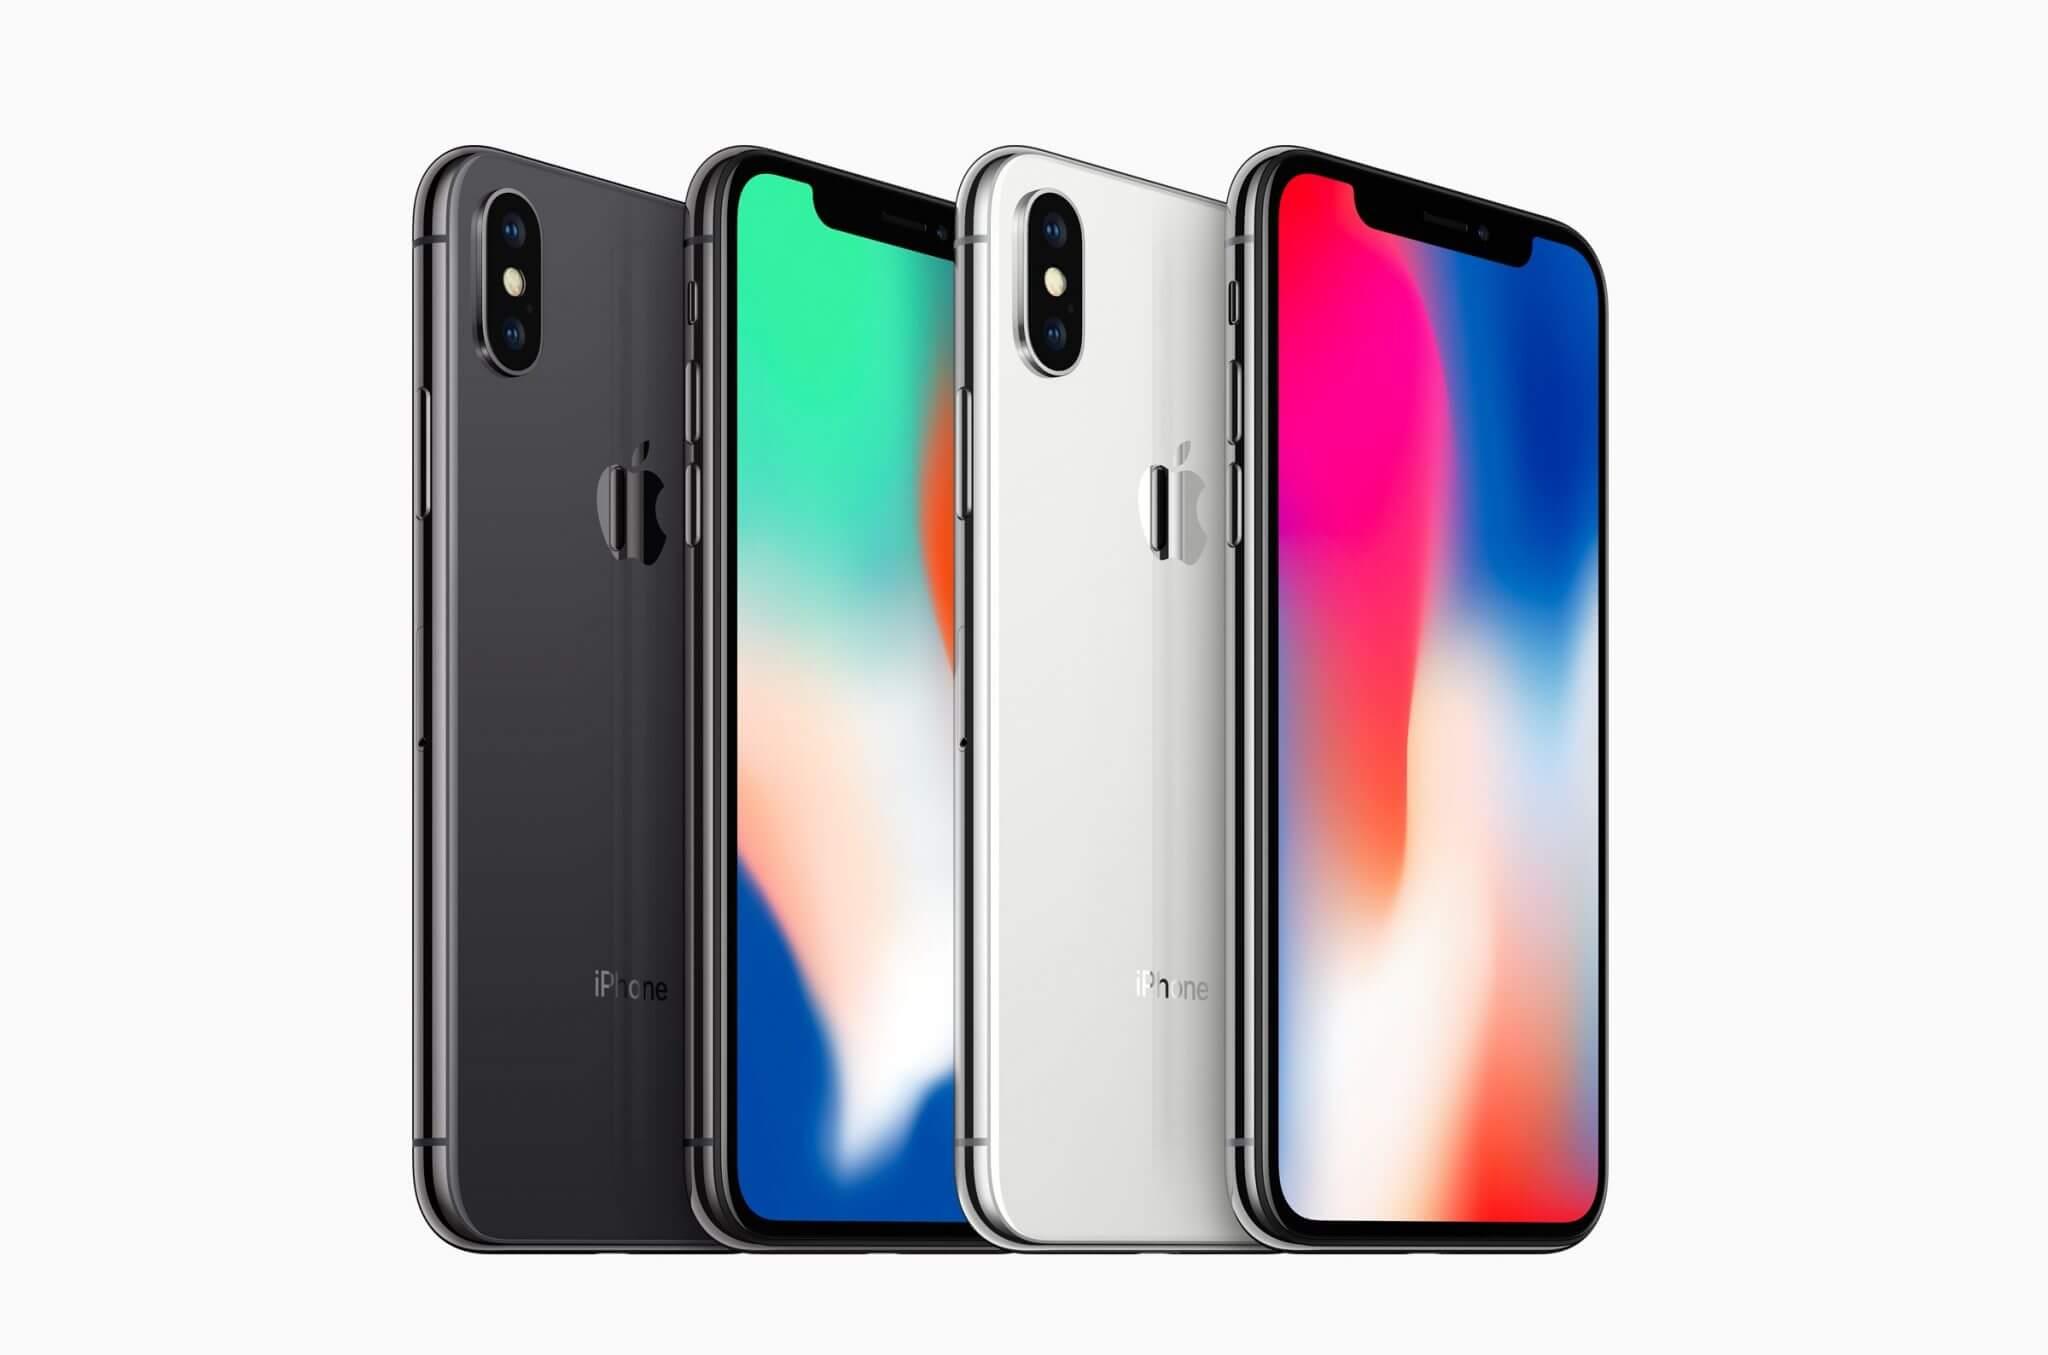 iPhone X family line up - 6 coisas que dá para fazer/comprar com o dinheiro de um iPhone X